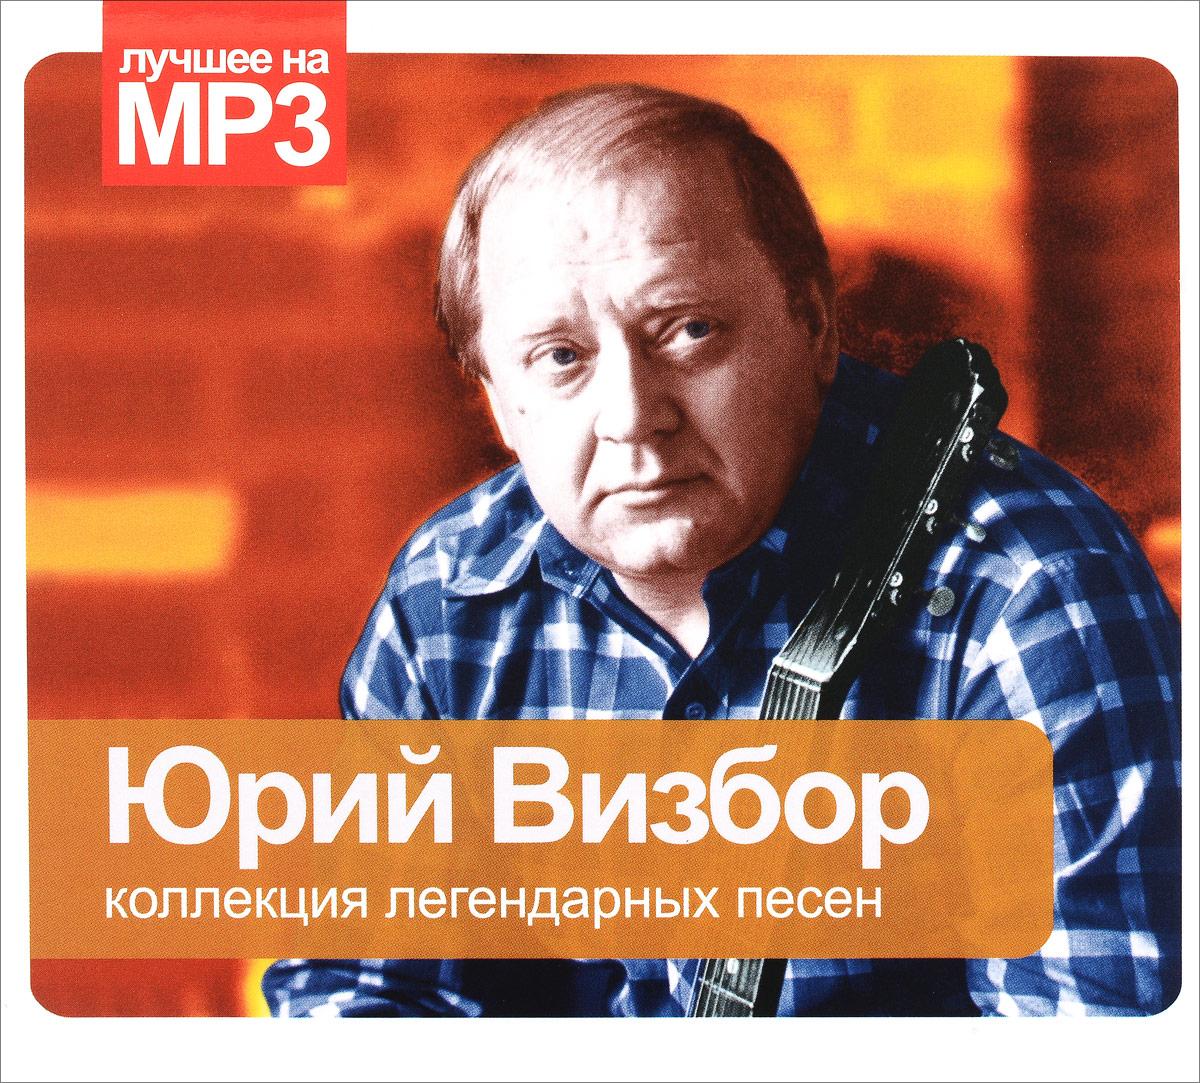 Юрий  Визбор. Коллекция легендарных песен (mp3)